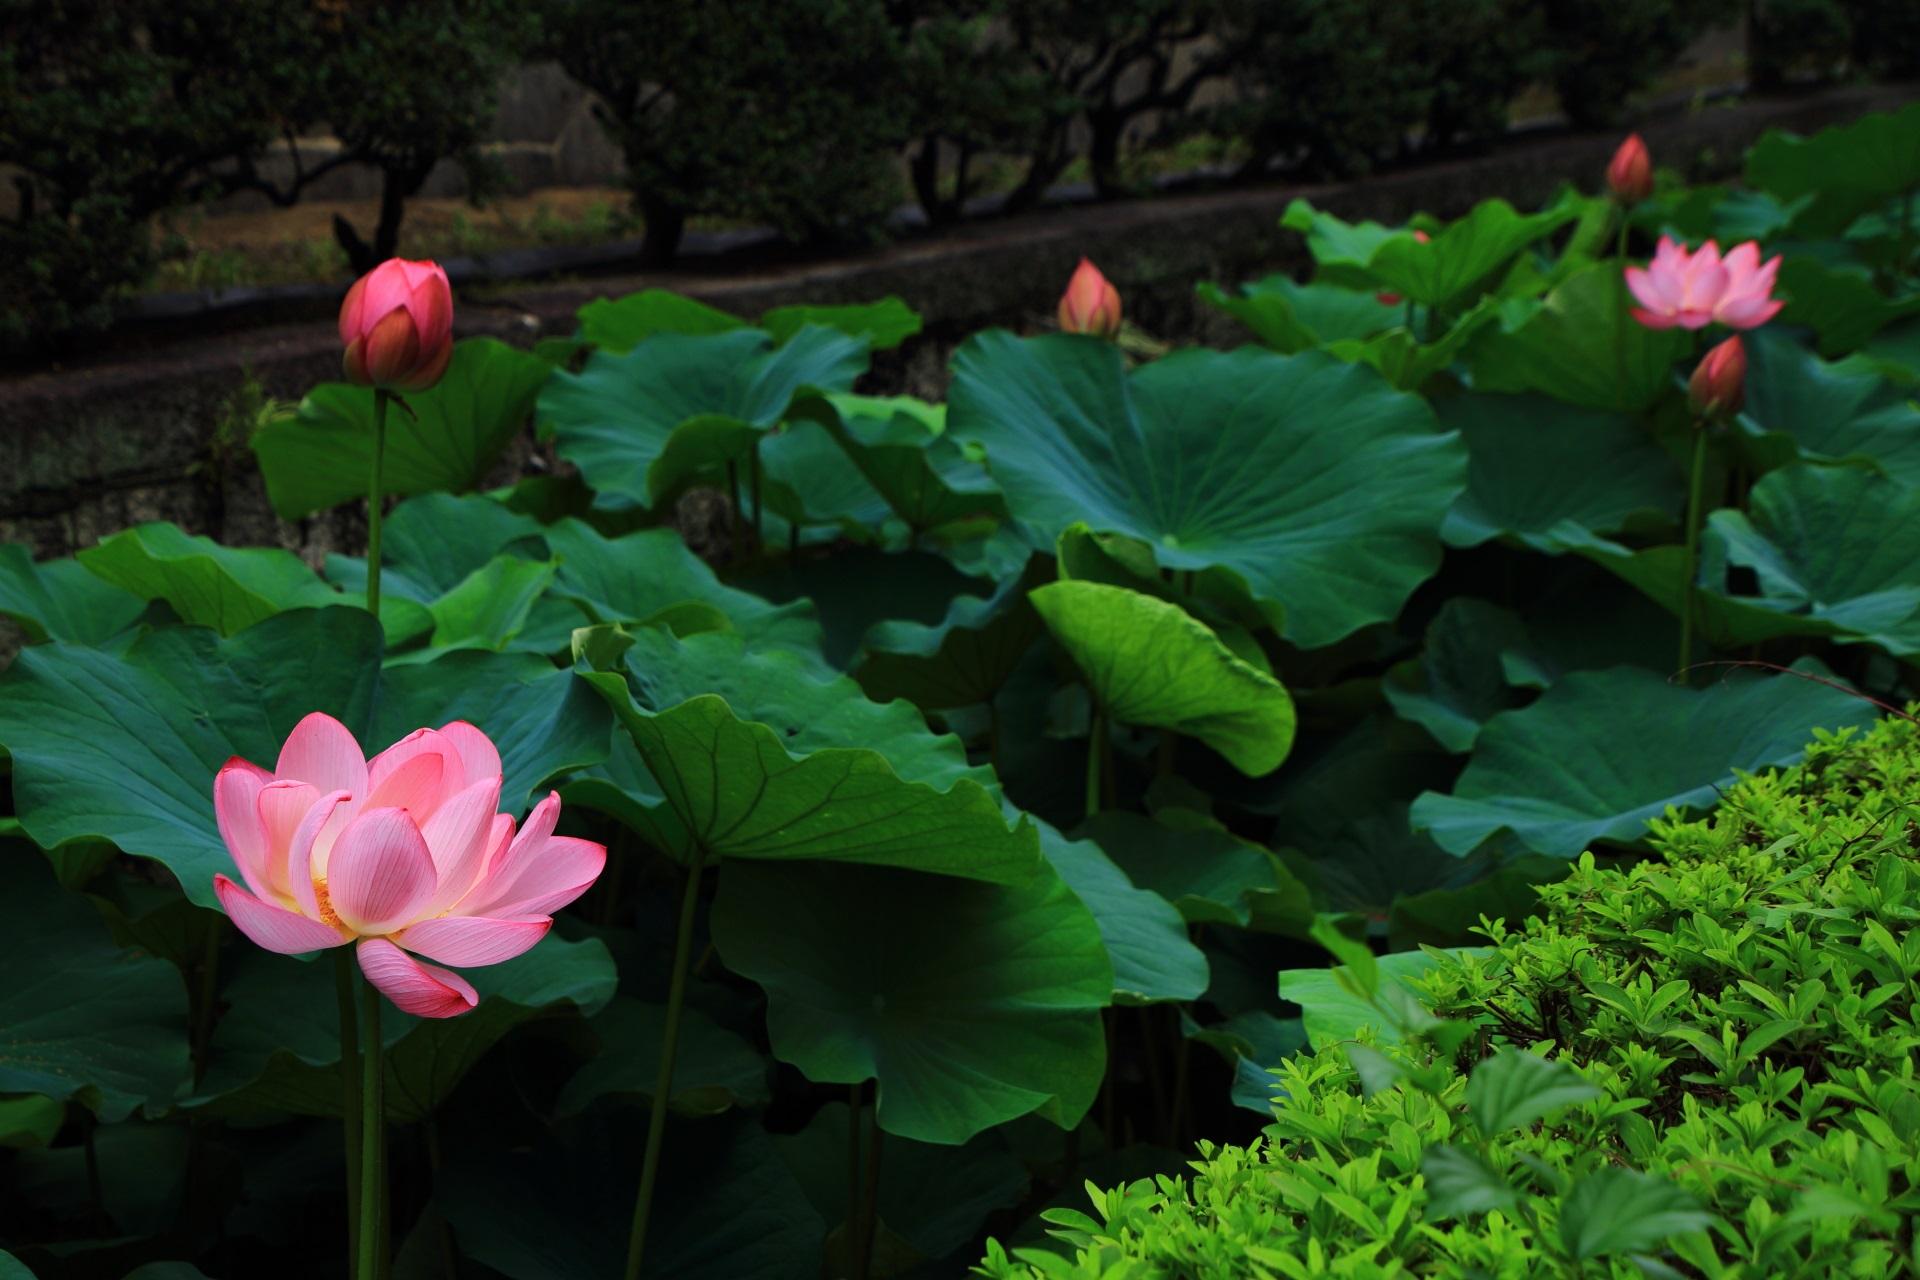 東本願寺のお堀に咲く華やかな蓮